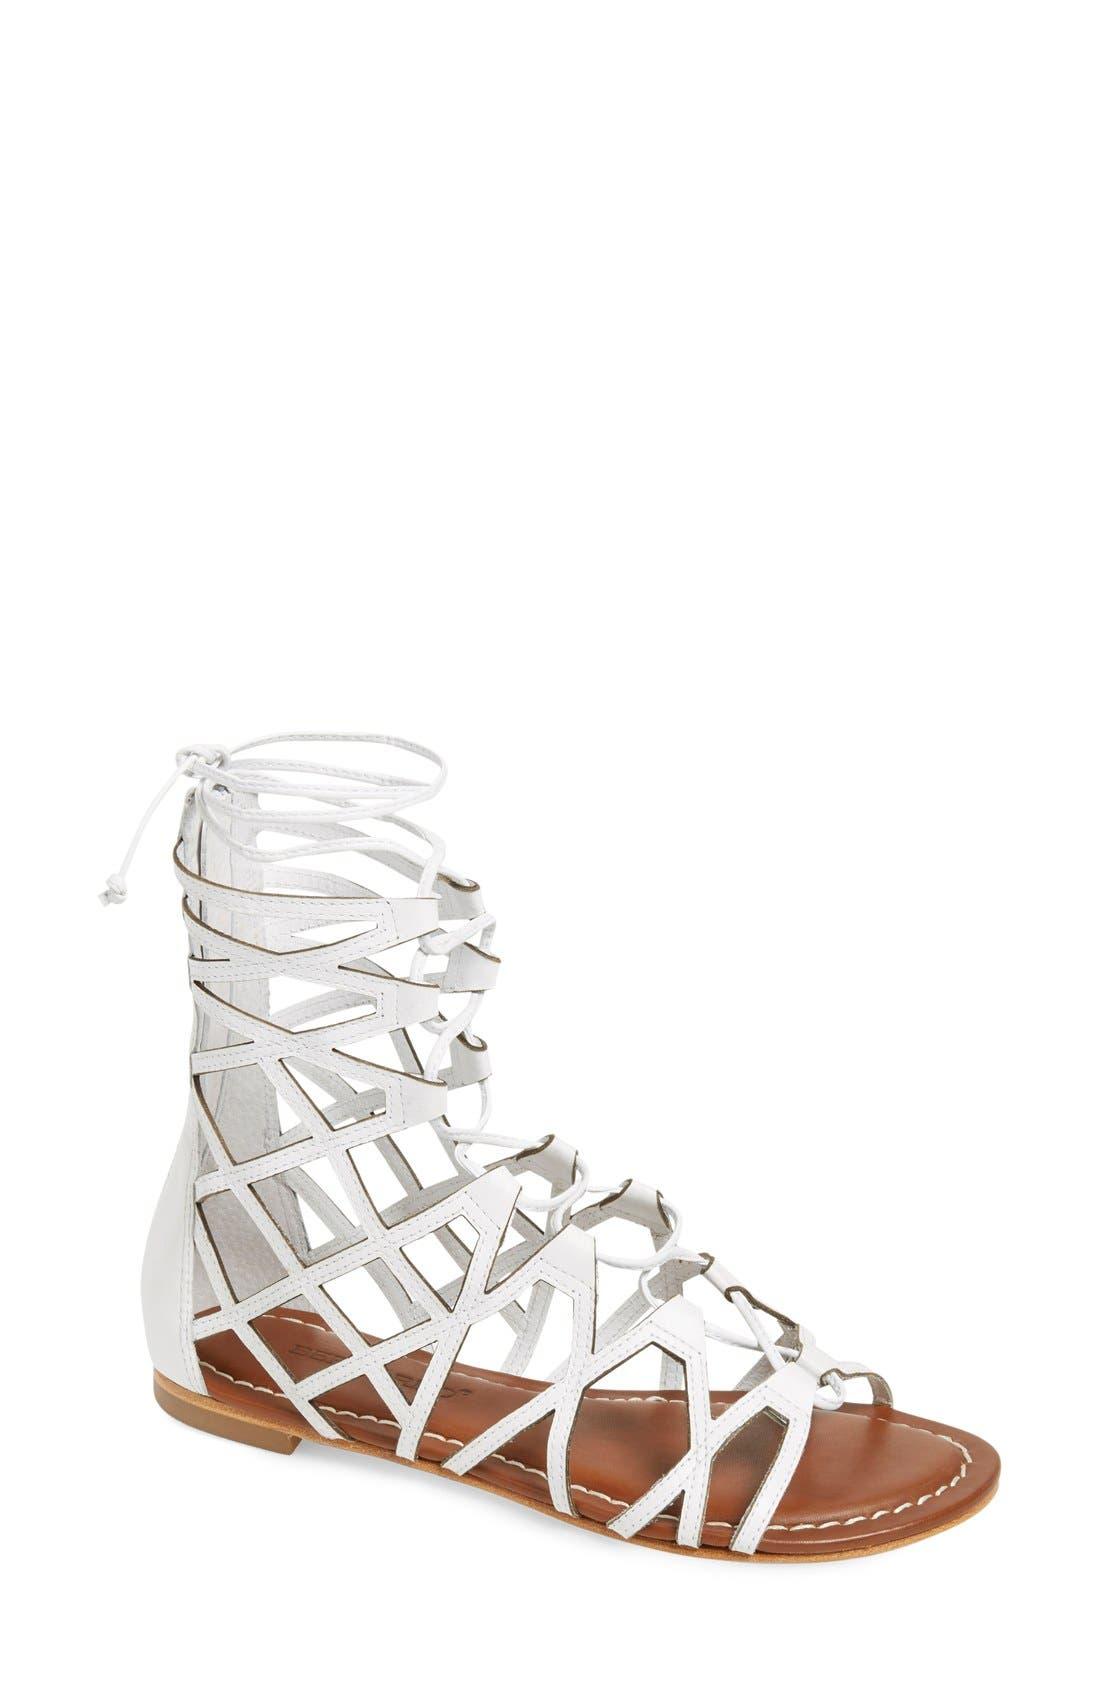 Bernardo Willow Gladiator Sandal,                         Main,                         color, White Leather